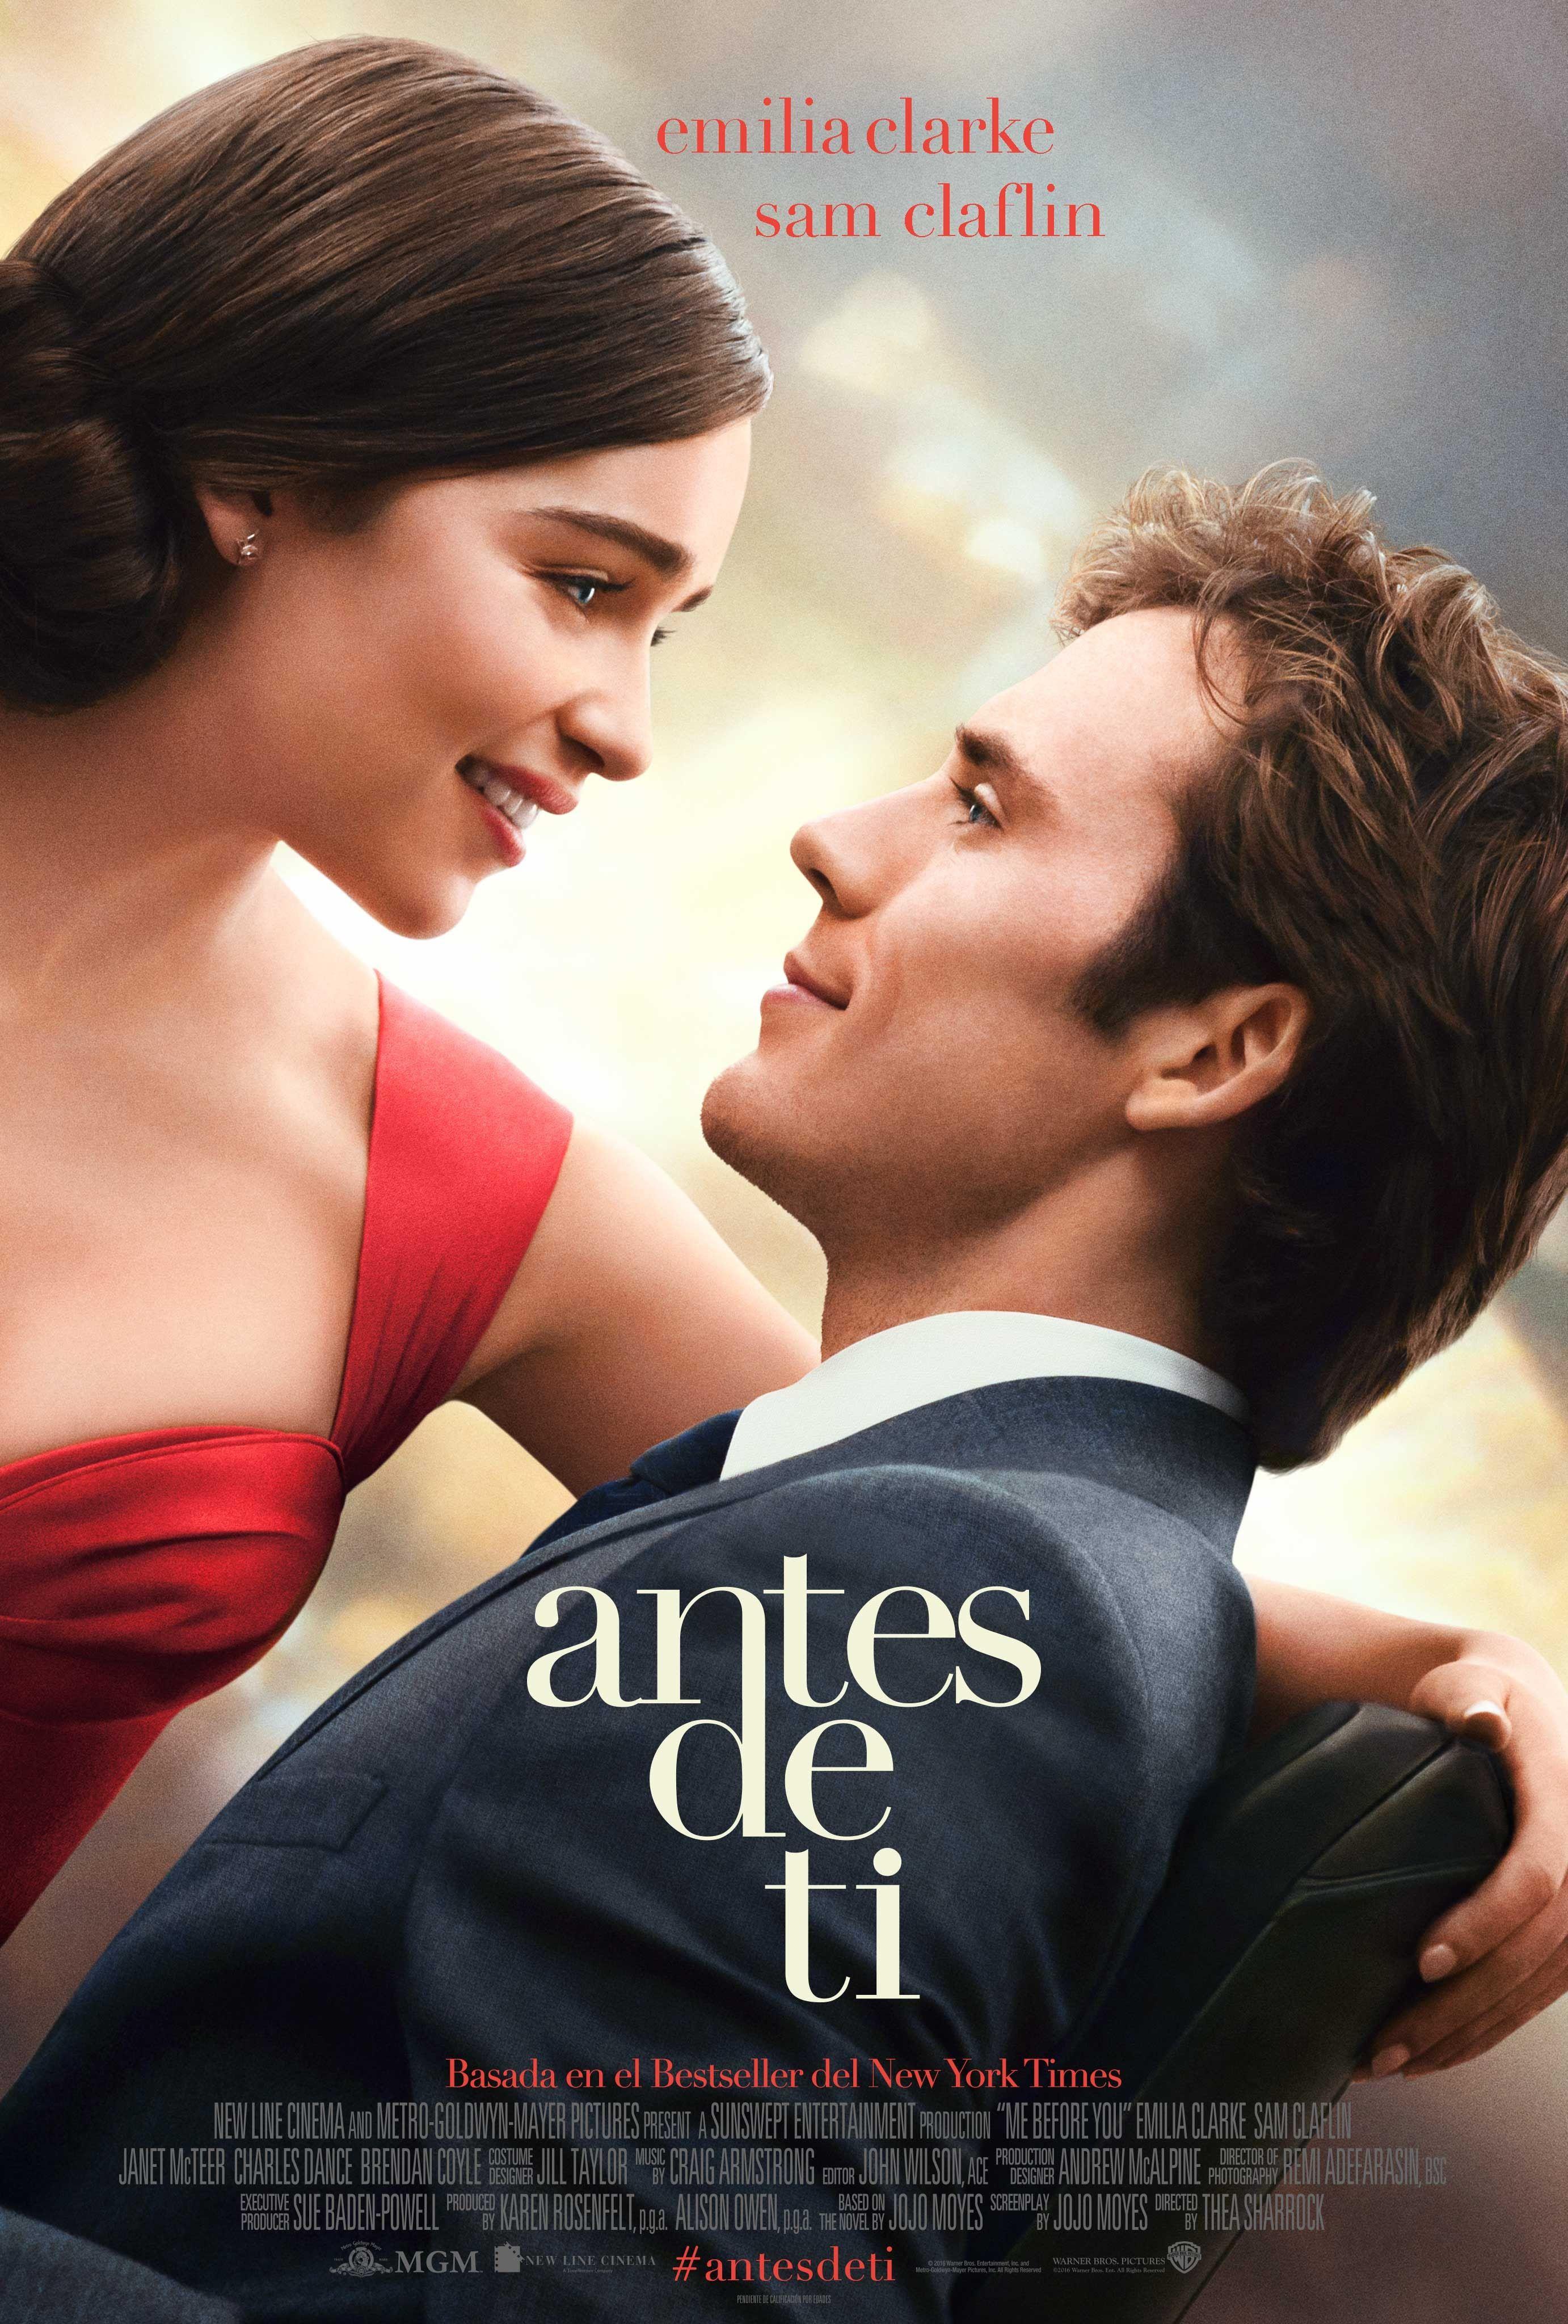 Antes De Ti Peliculas Romanticas Completas Peliculas Romanticas En Espanol Peliculas Cine